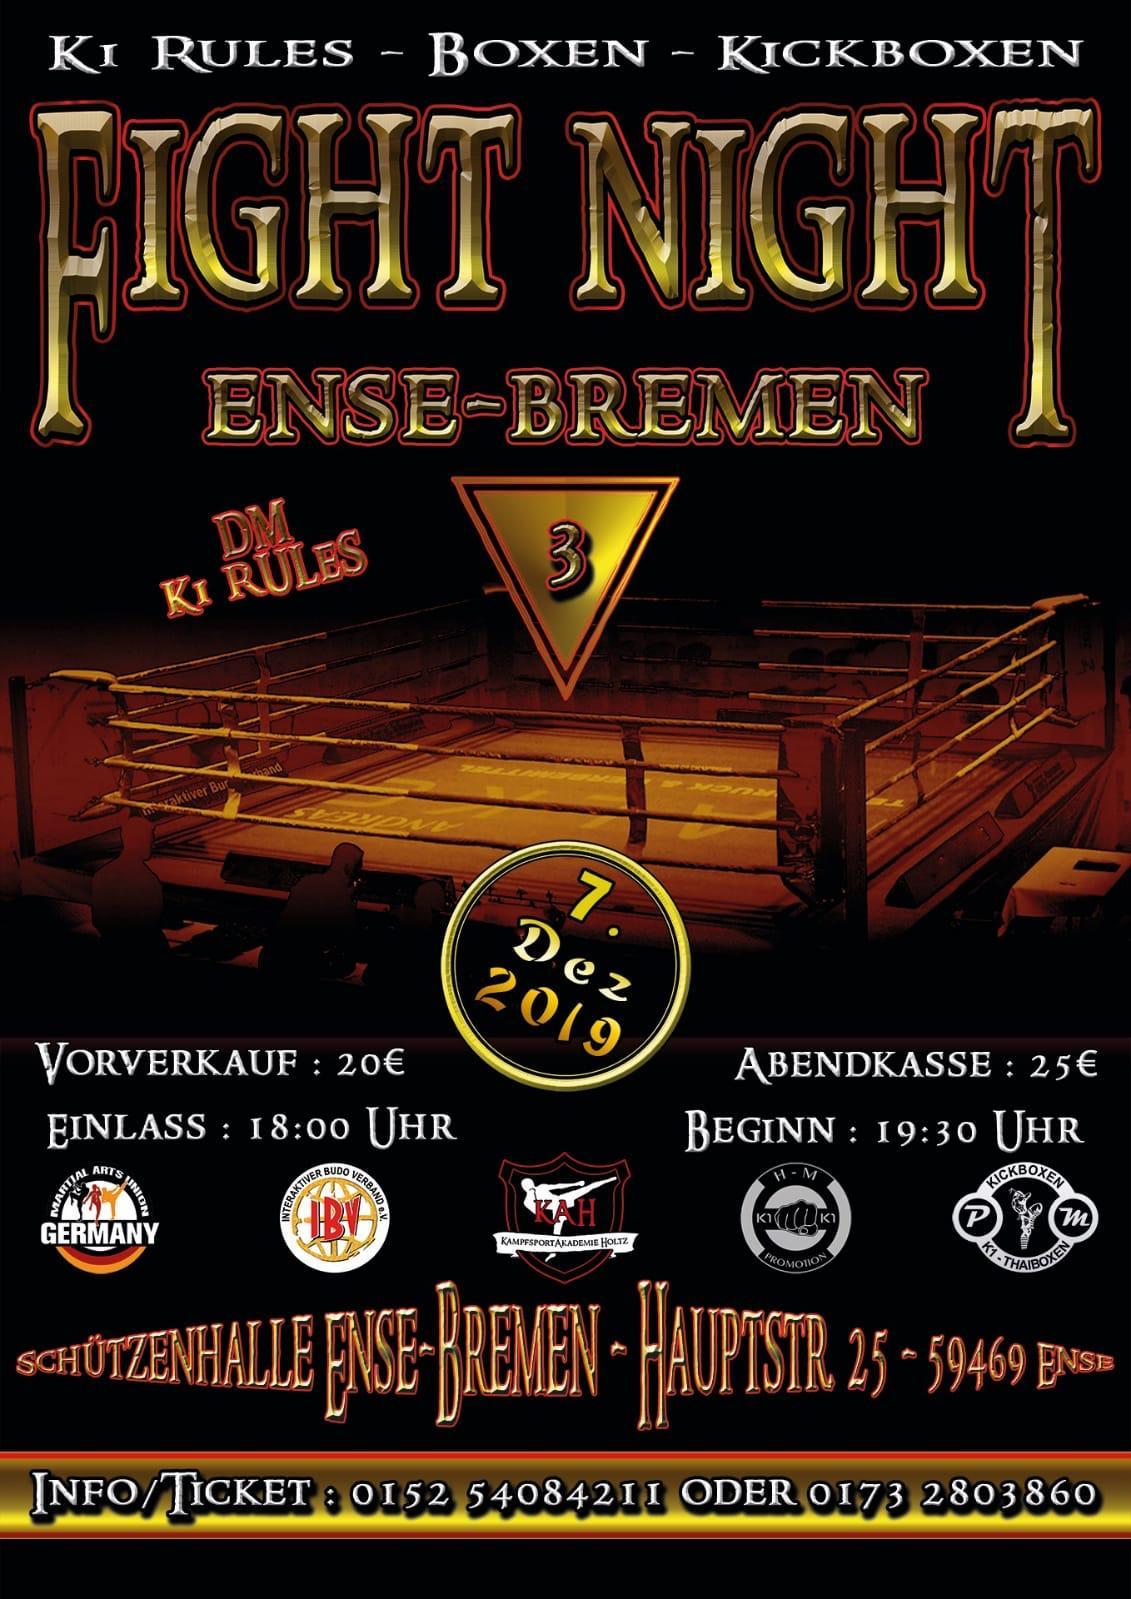 3te Fight Night in Ense-Bremen im Dezember 2019